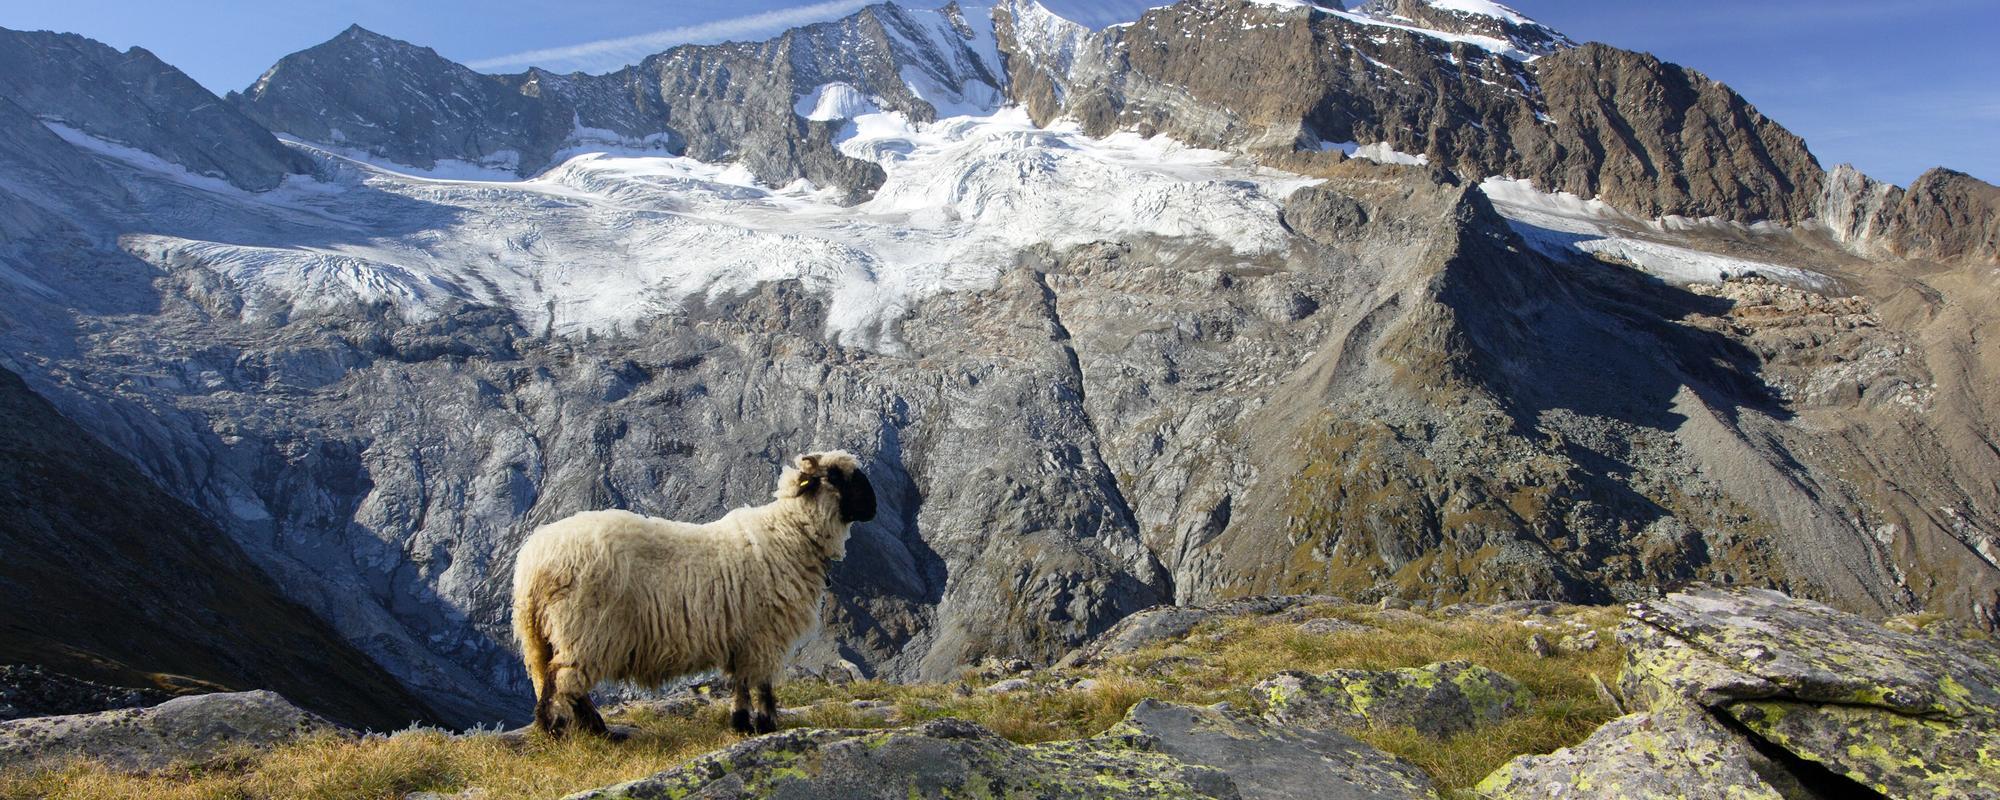 Schaf beim Furtschagelhaus mit Hochfeile im Hintergrund